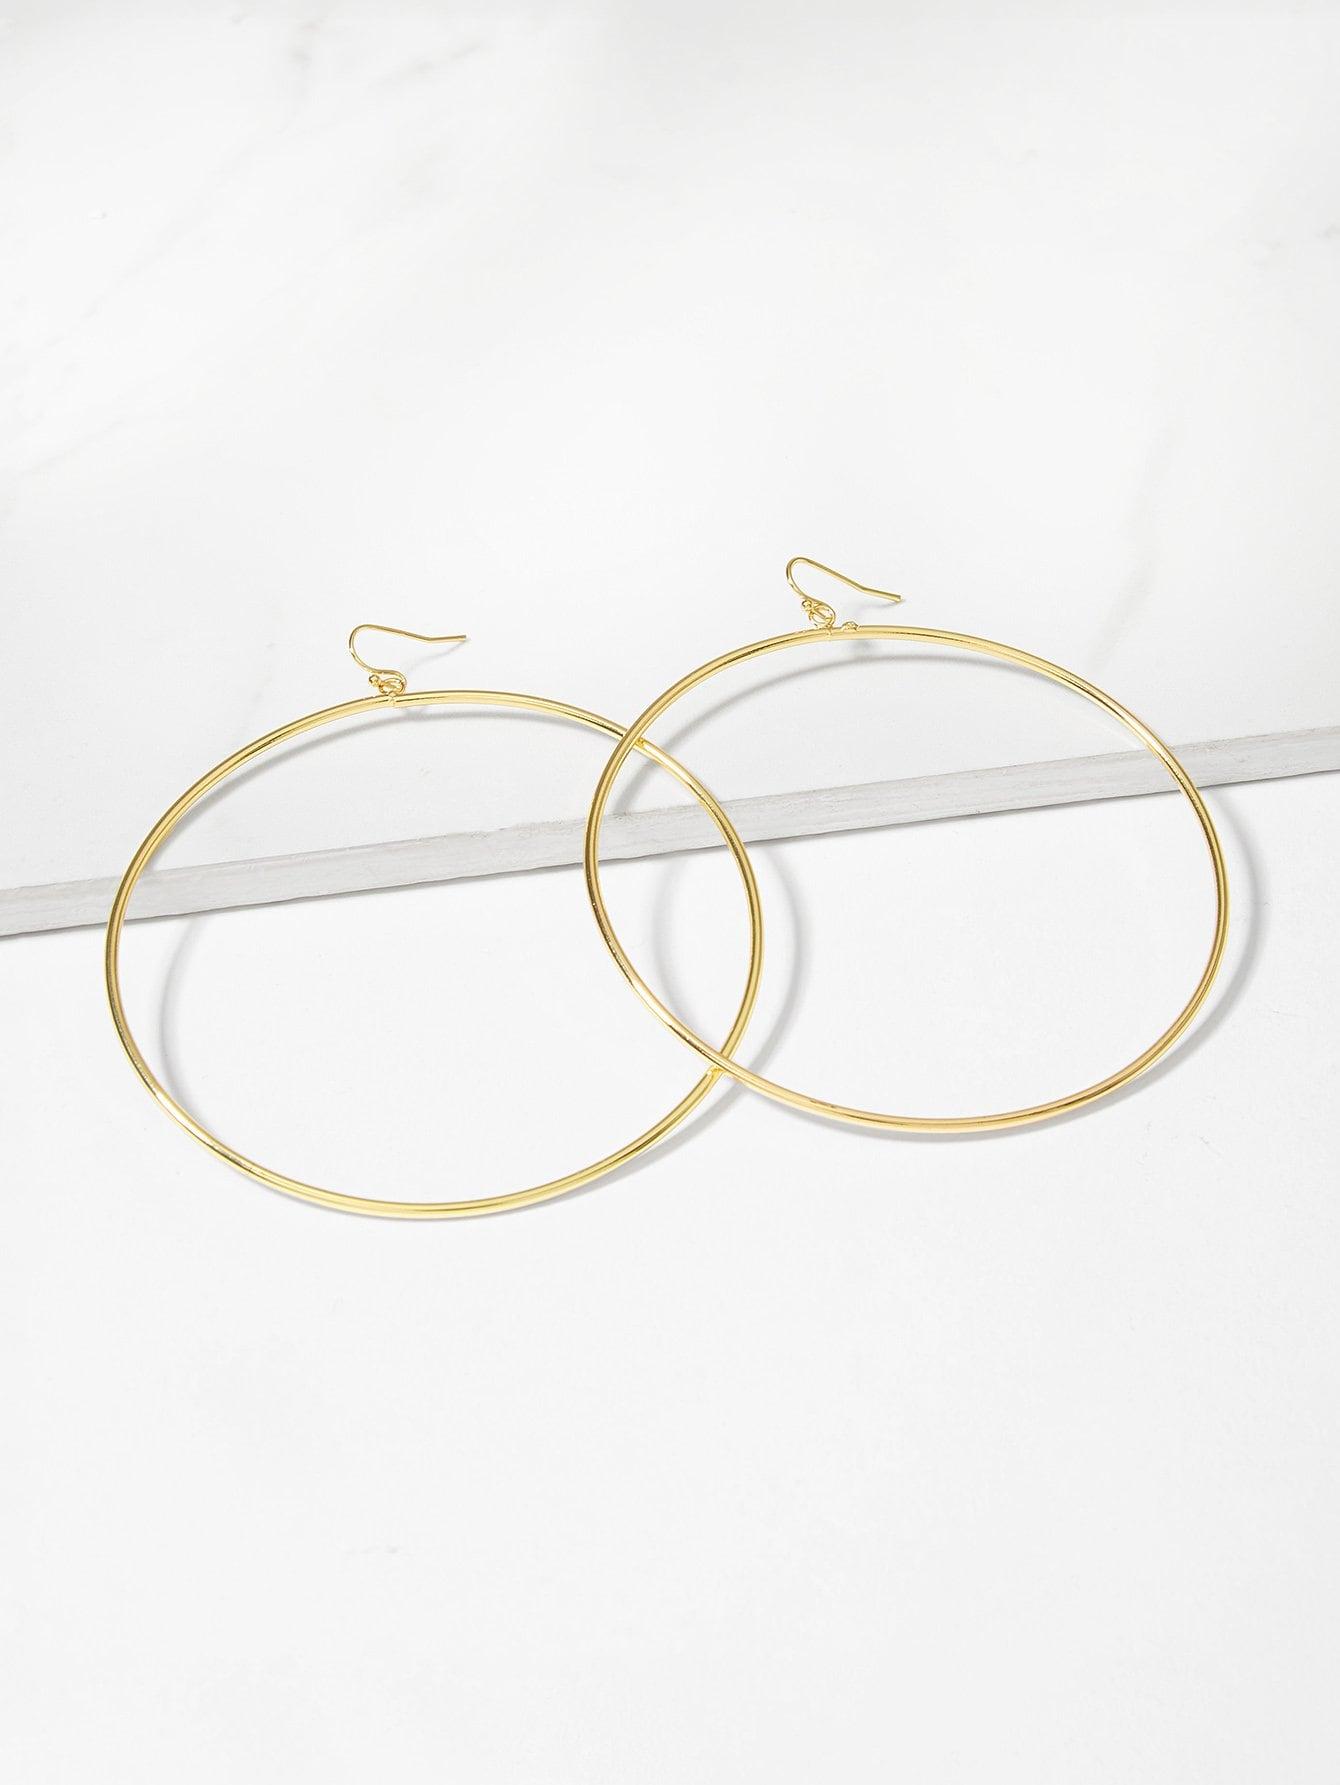 Simple Circle Oversize Hoop Earrings 1pair